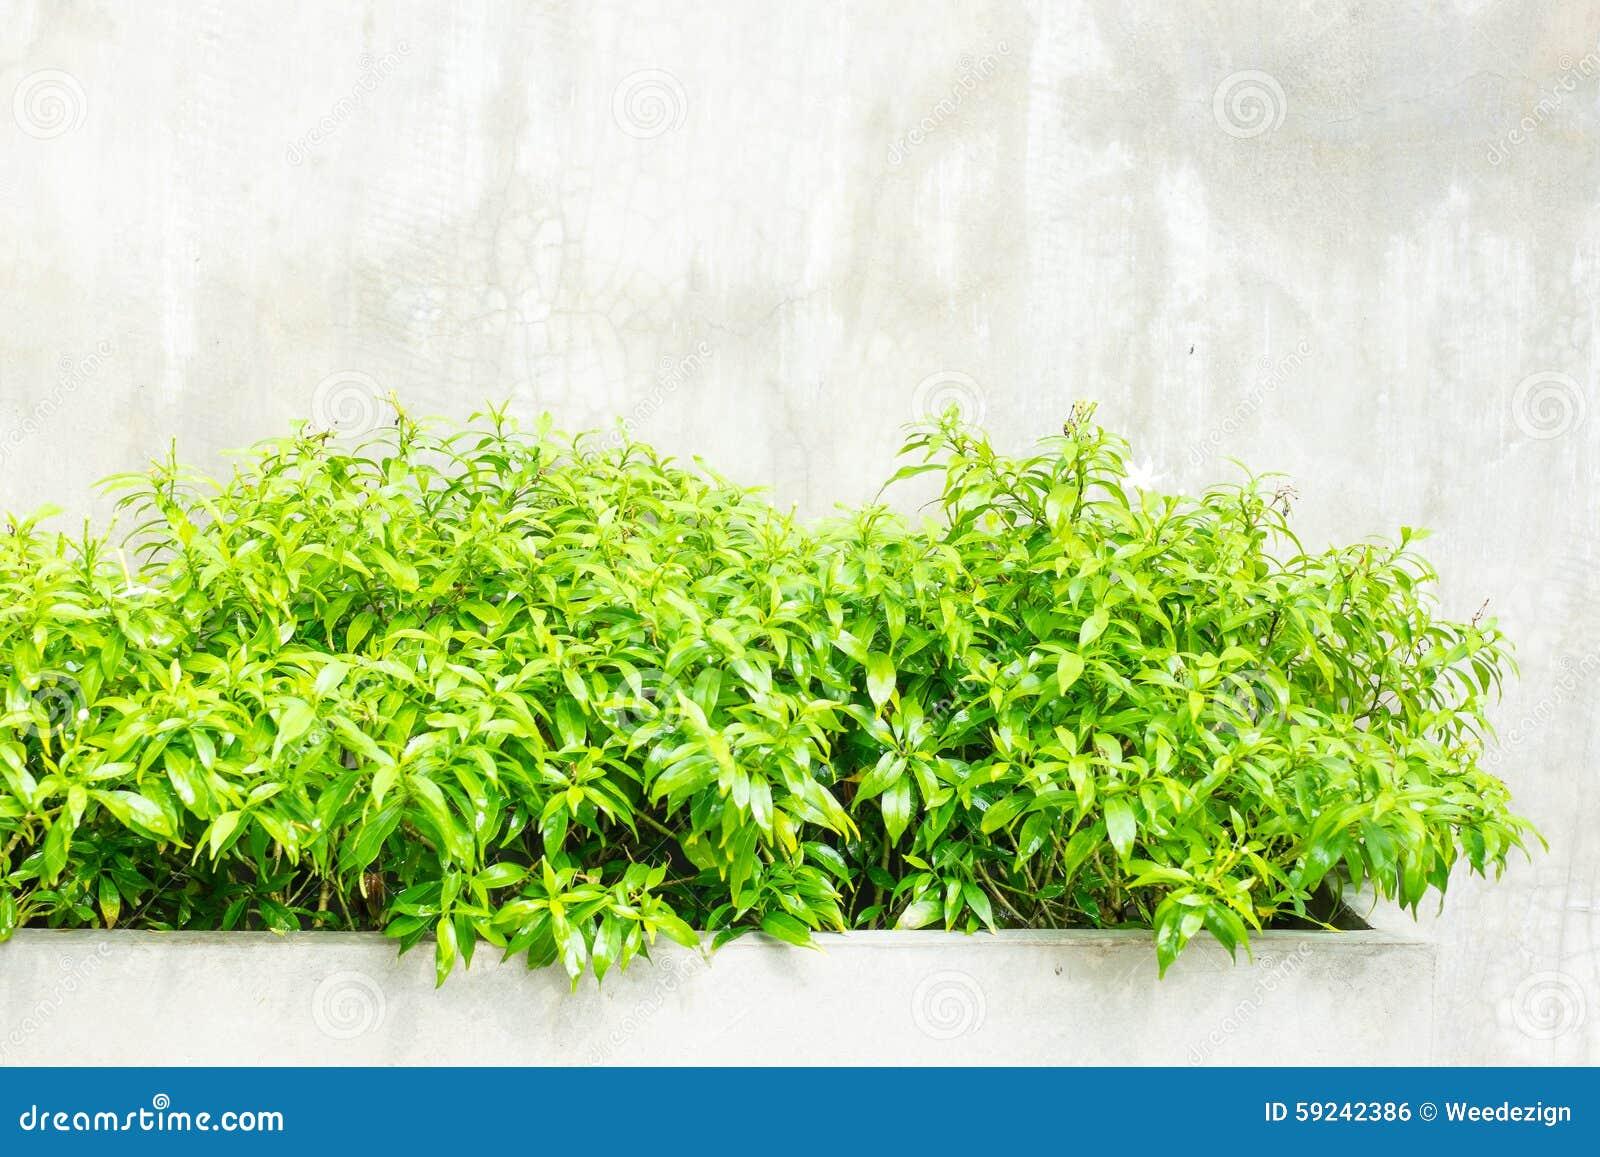 Arbusto verde de la hoja en el muro de cemento